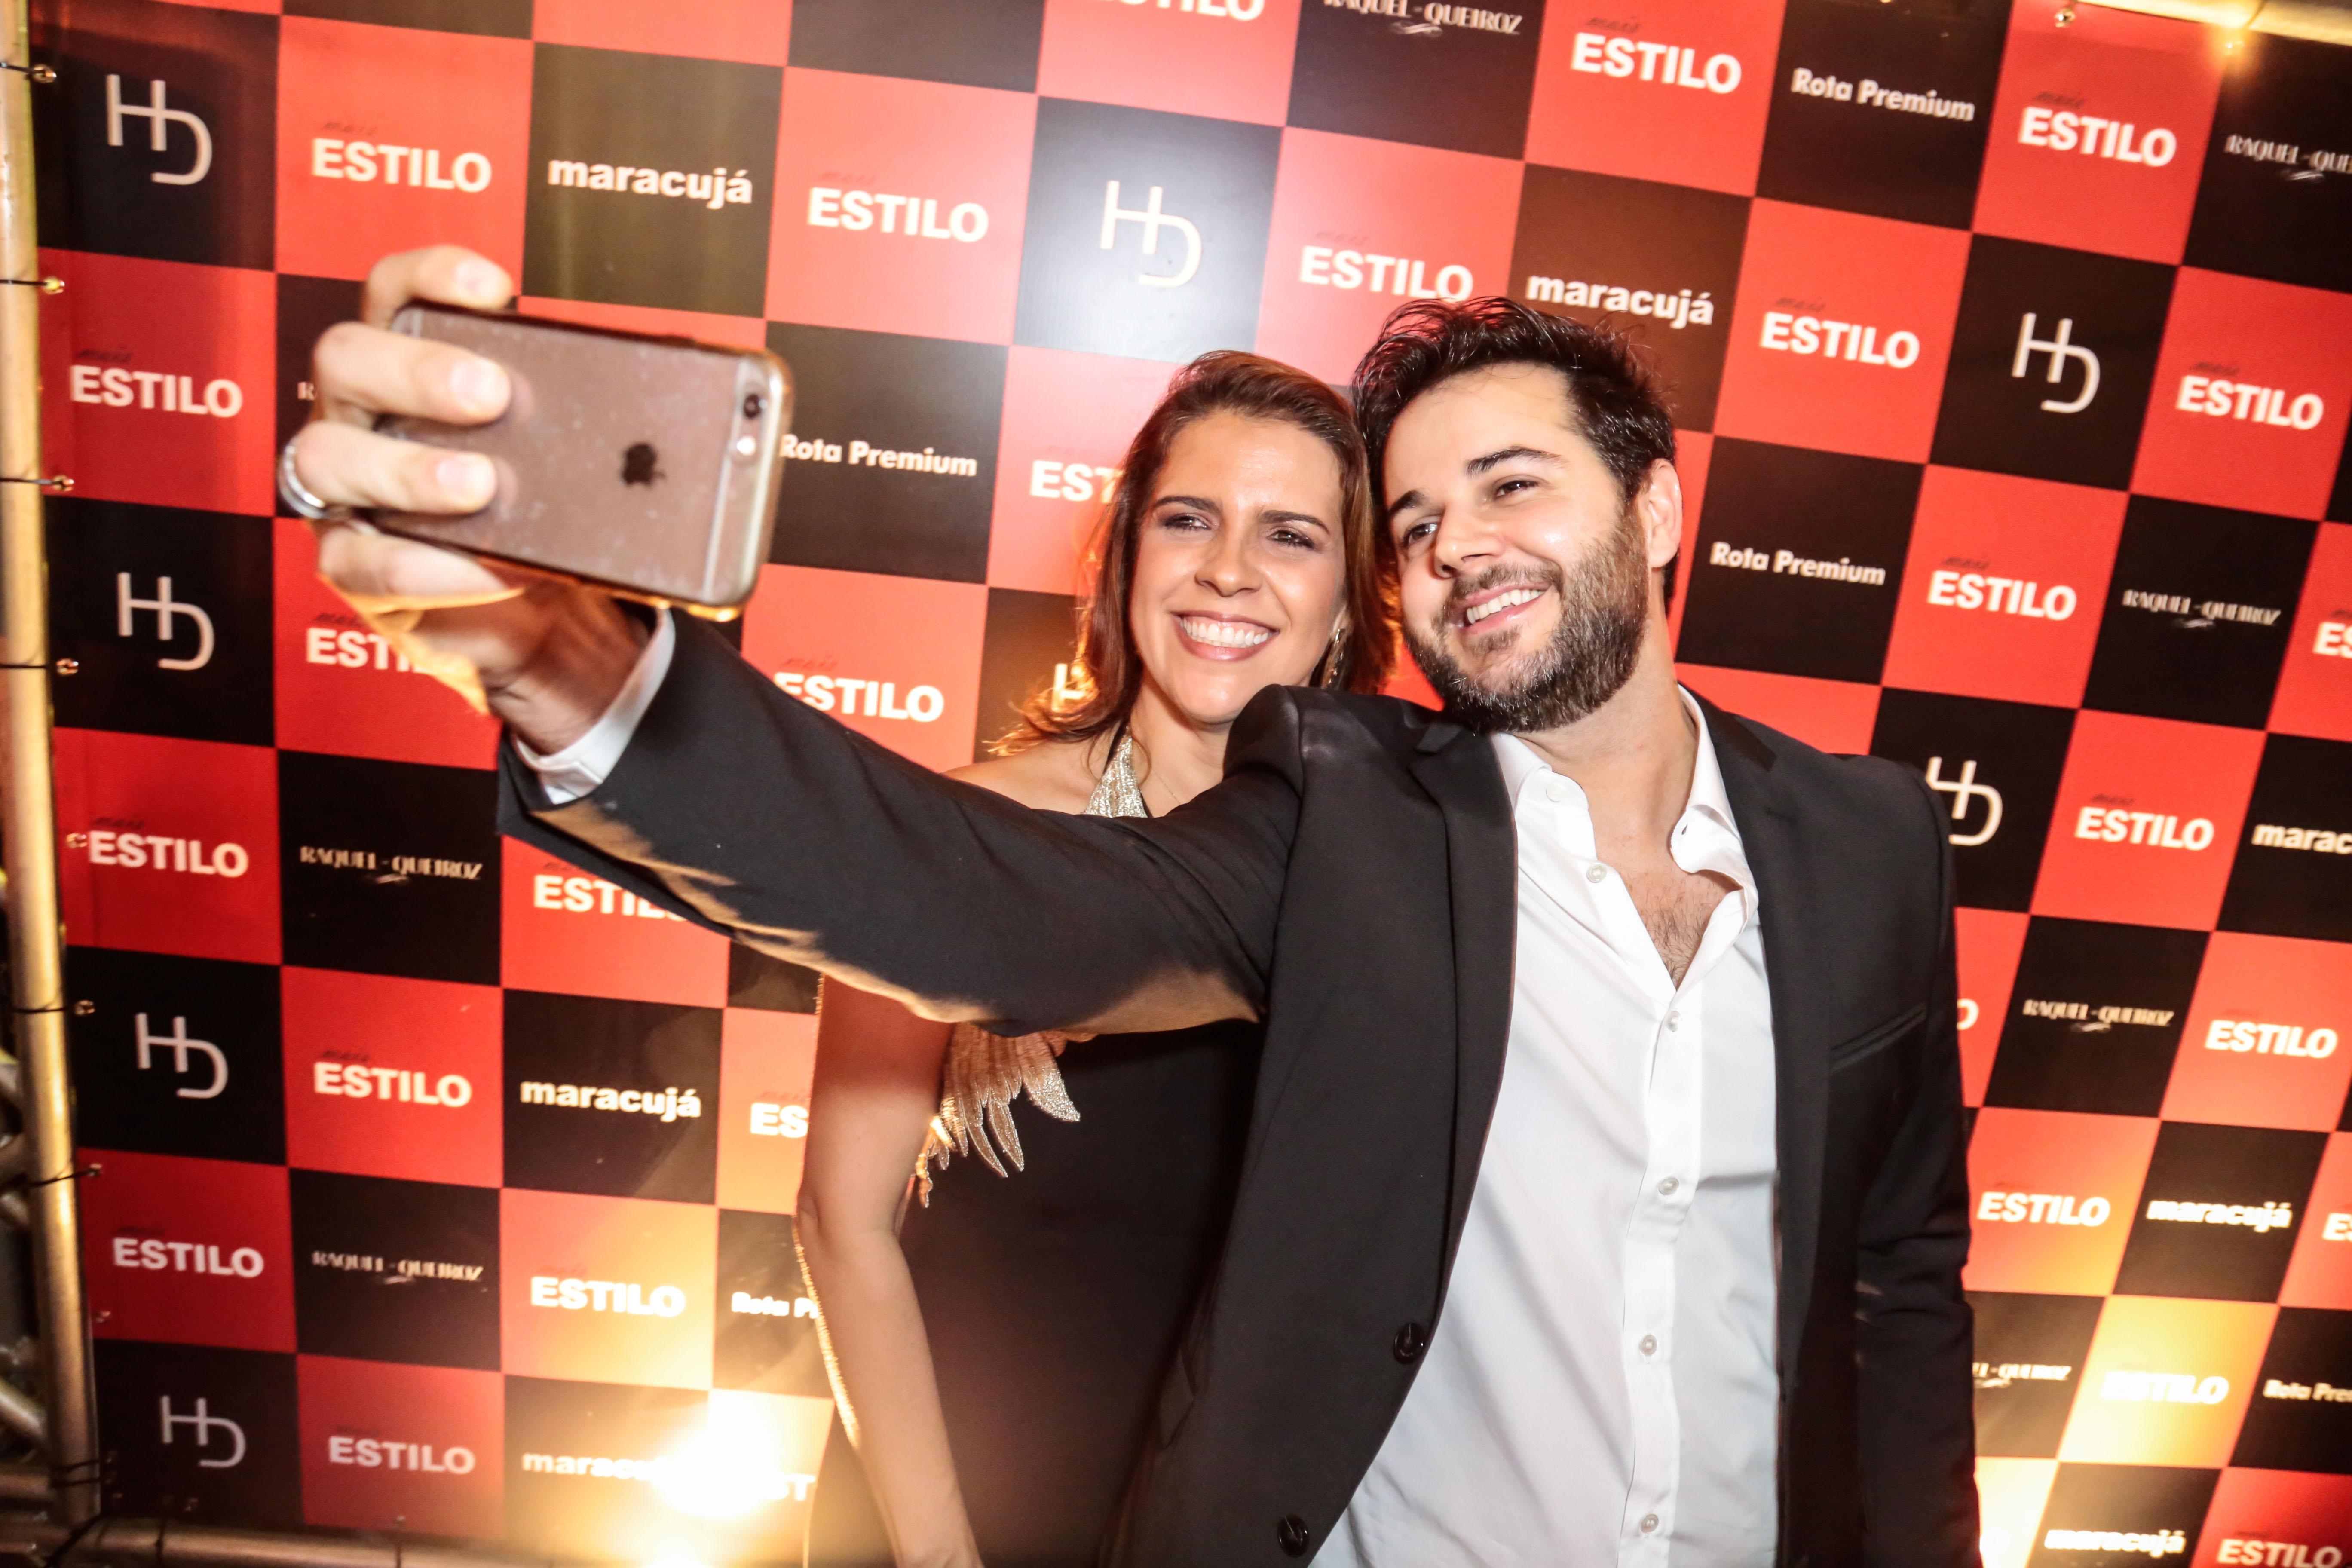 Momento selfie: Cristina Melo e Heracliton Diniz - Crédito: Gleyson Ramos/Divulgação